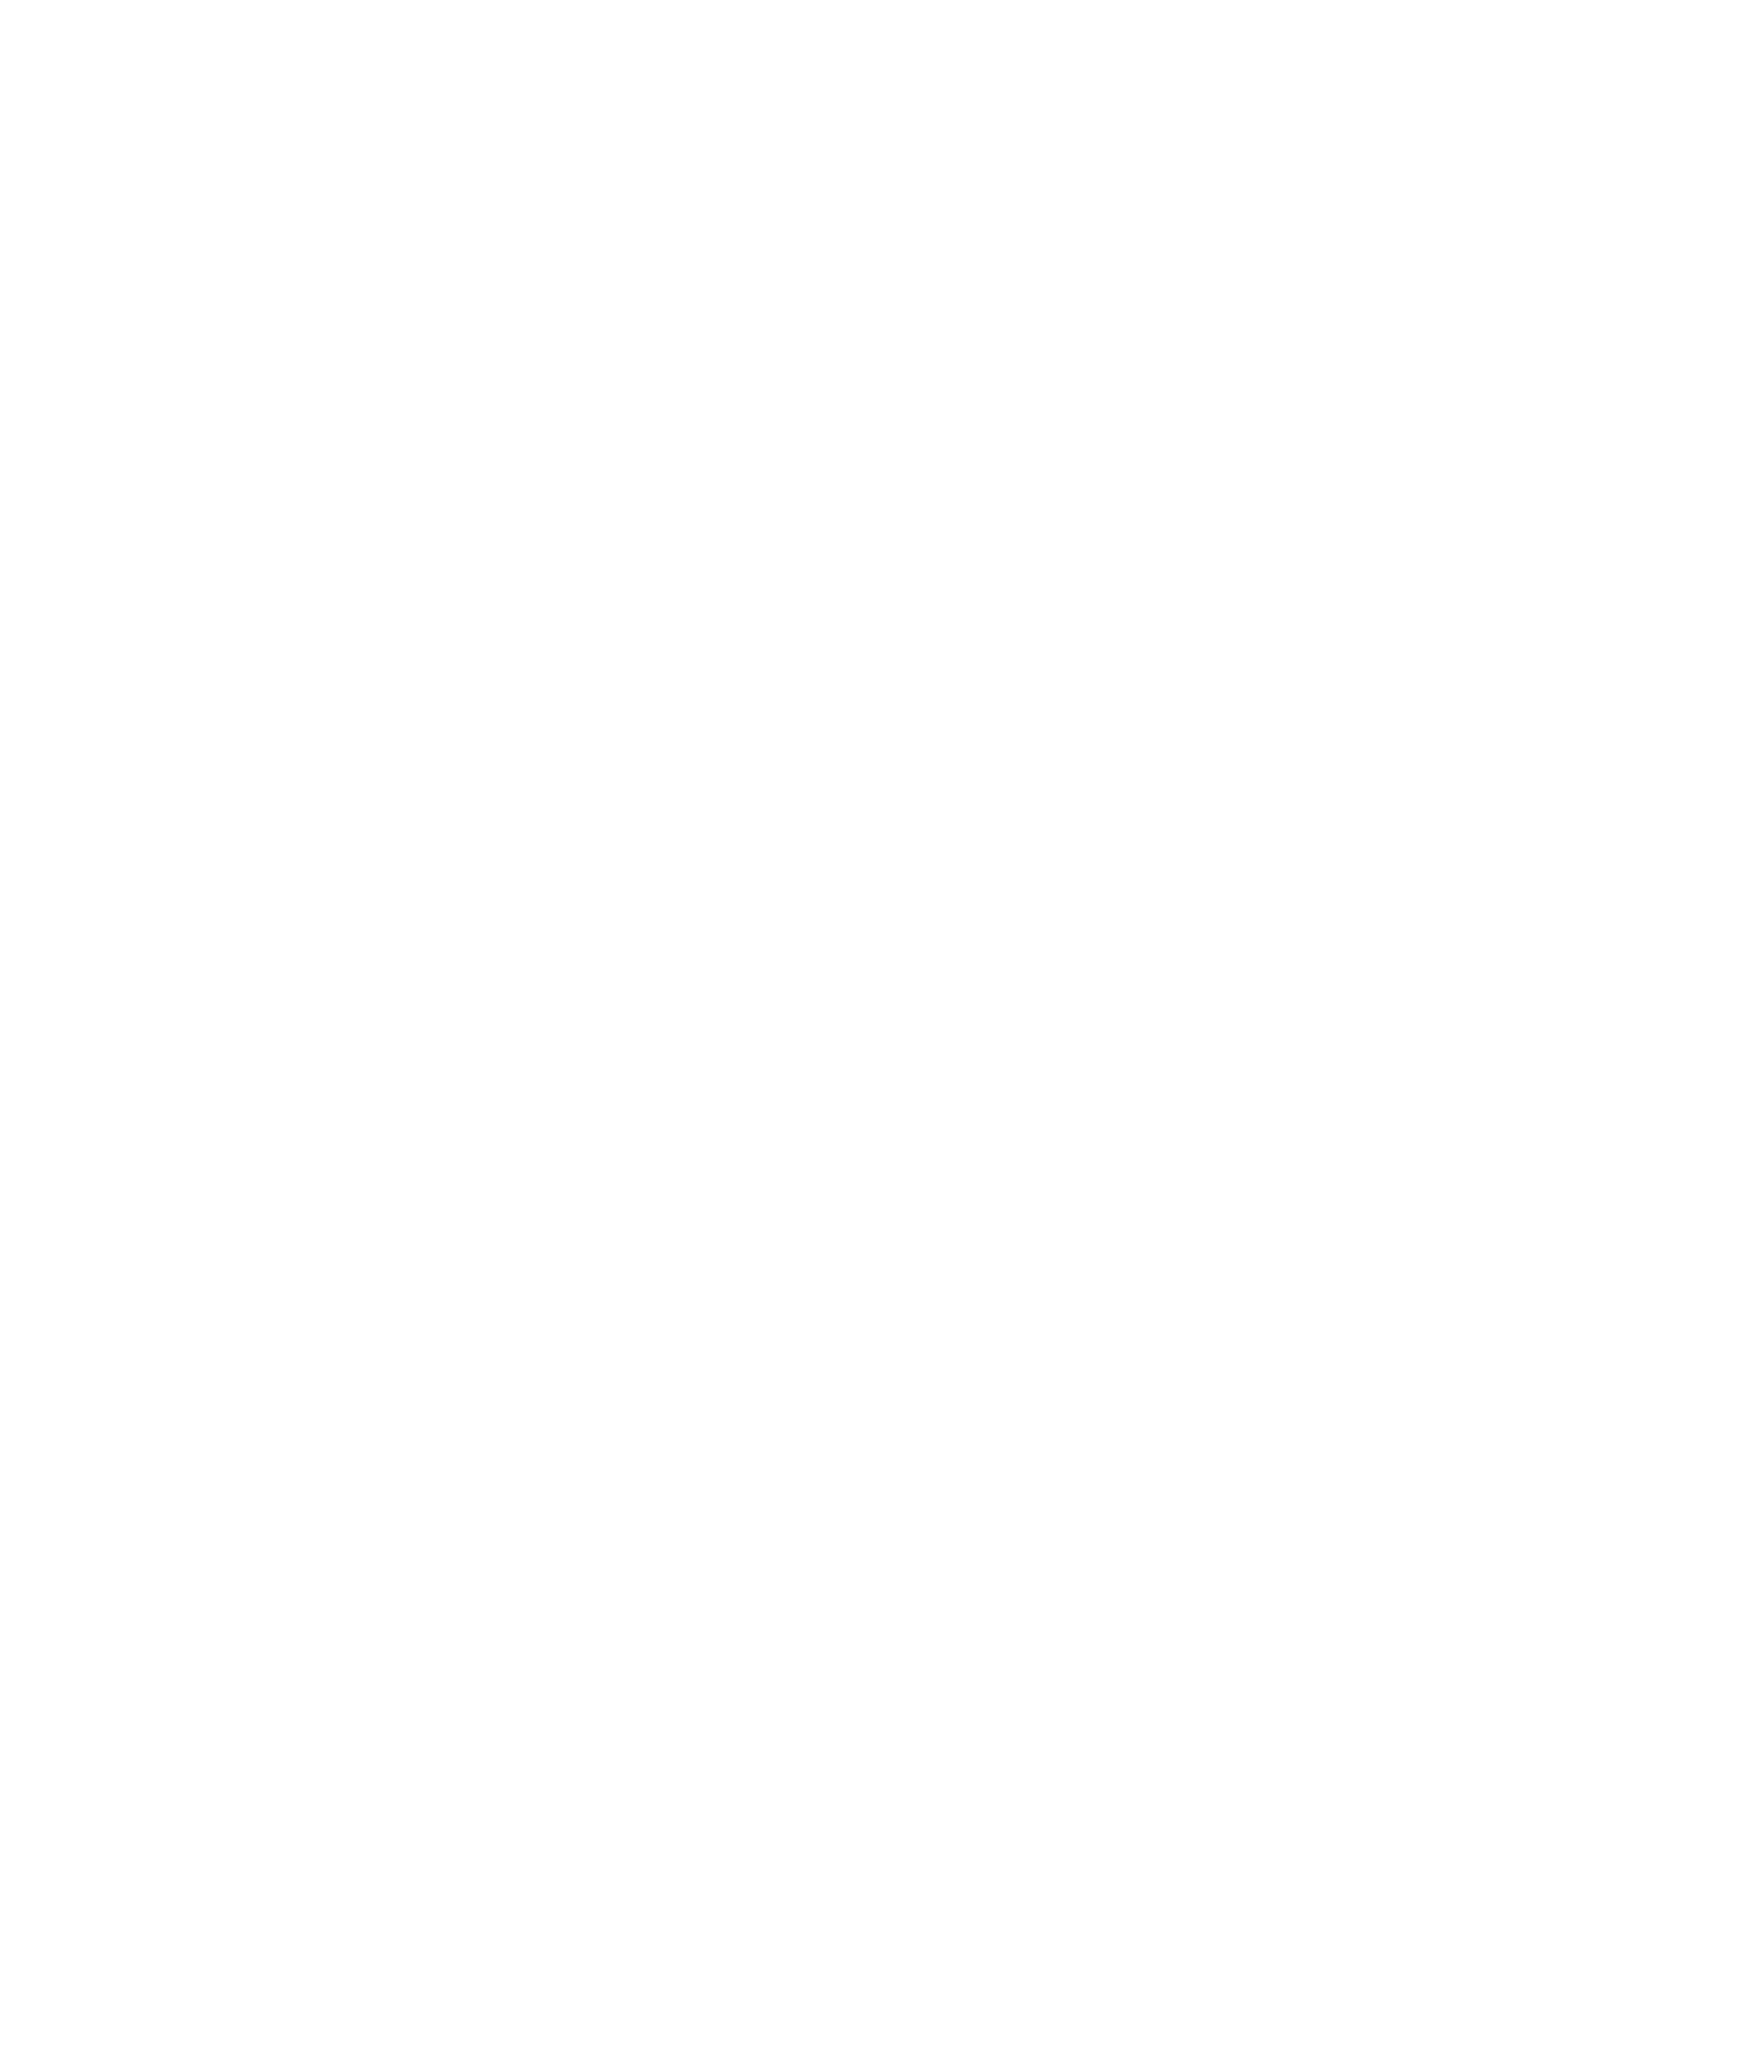 vila-frades